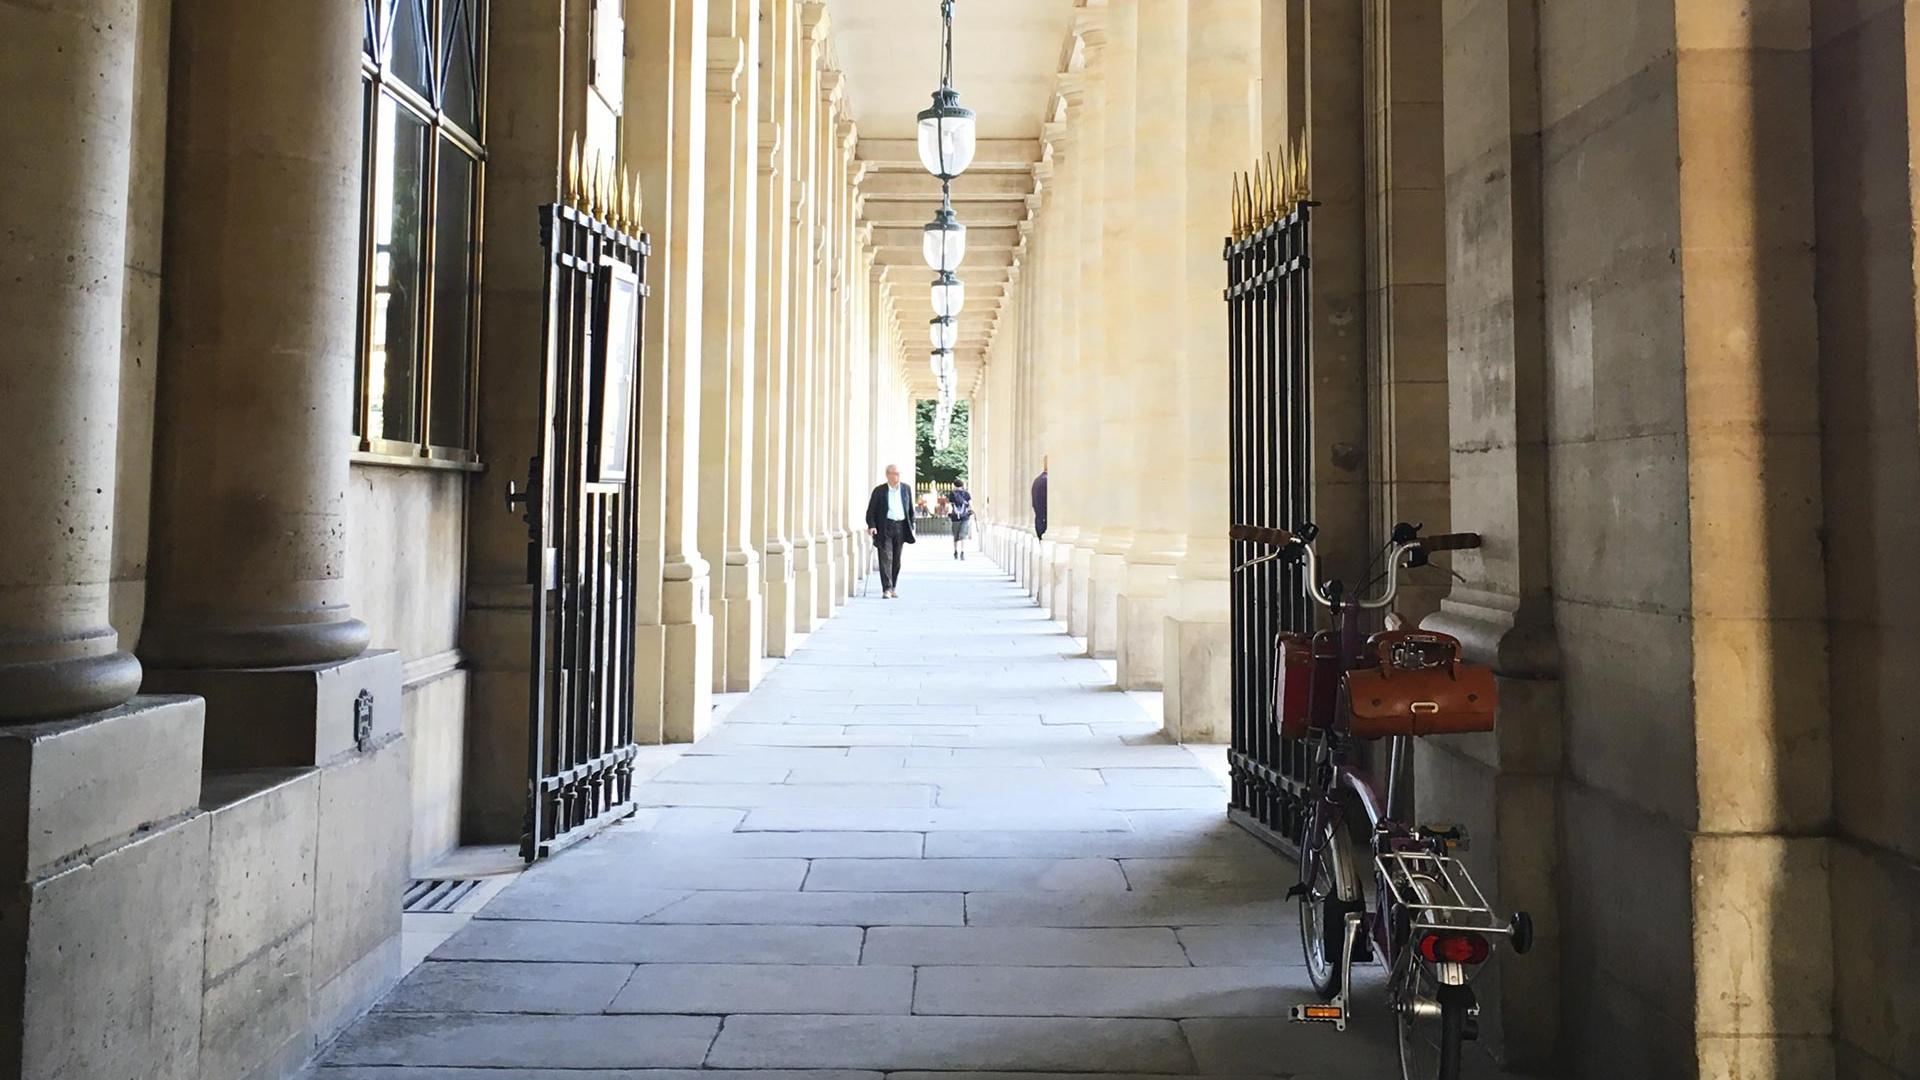 Brompton bike in Paris, France